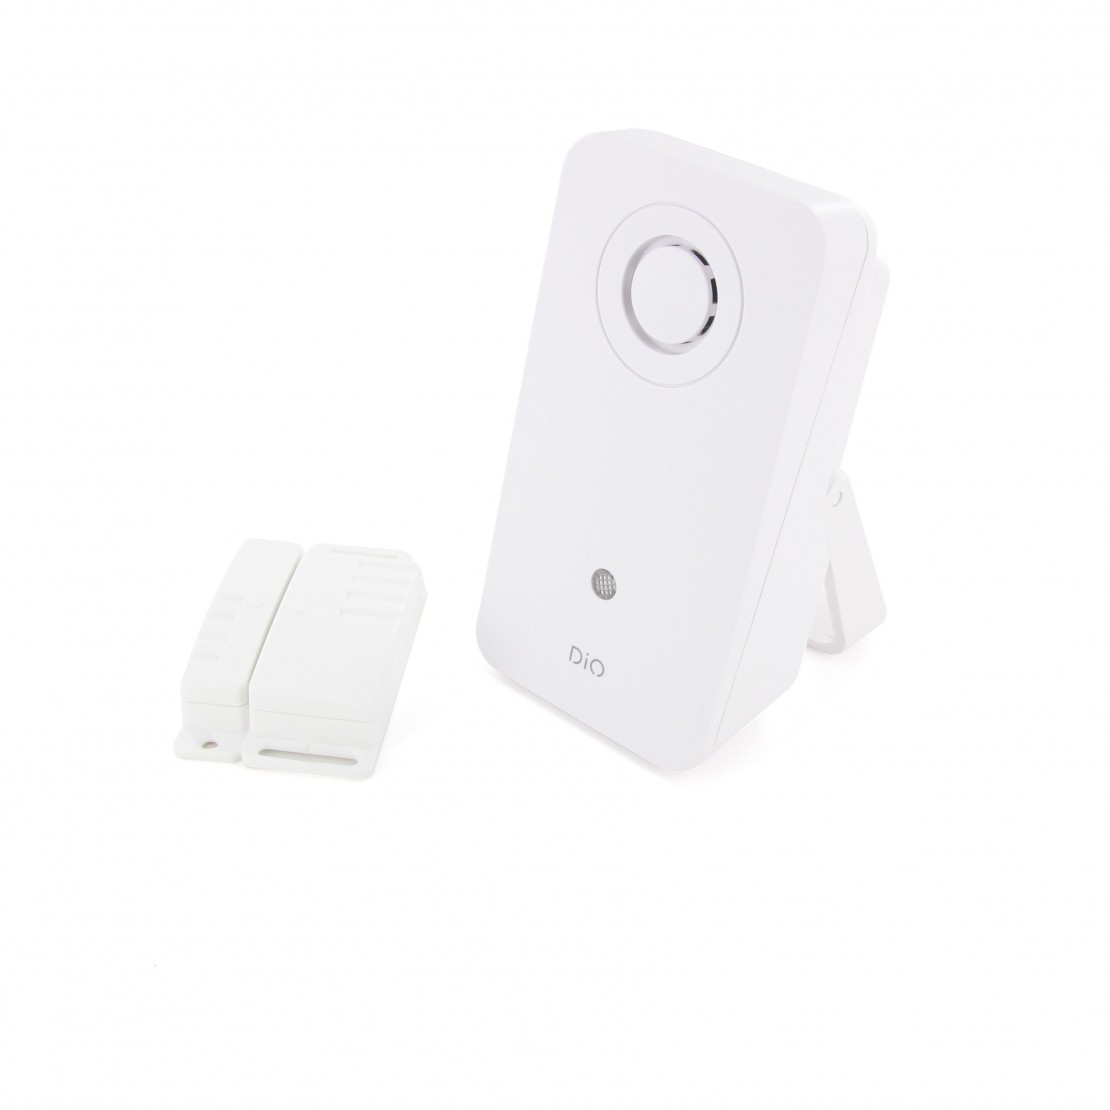 Kit draadloze deurbel met contactsluiterDIO Design 200m